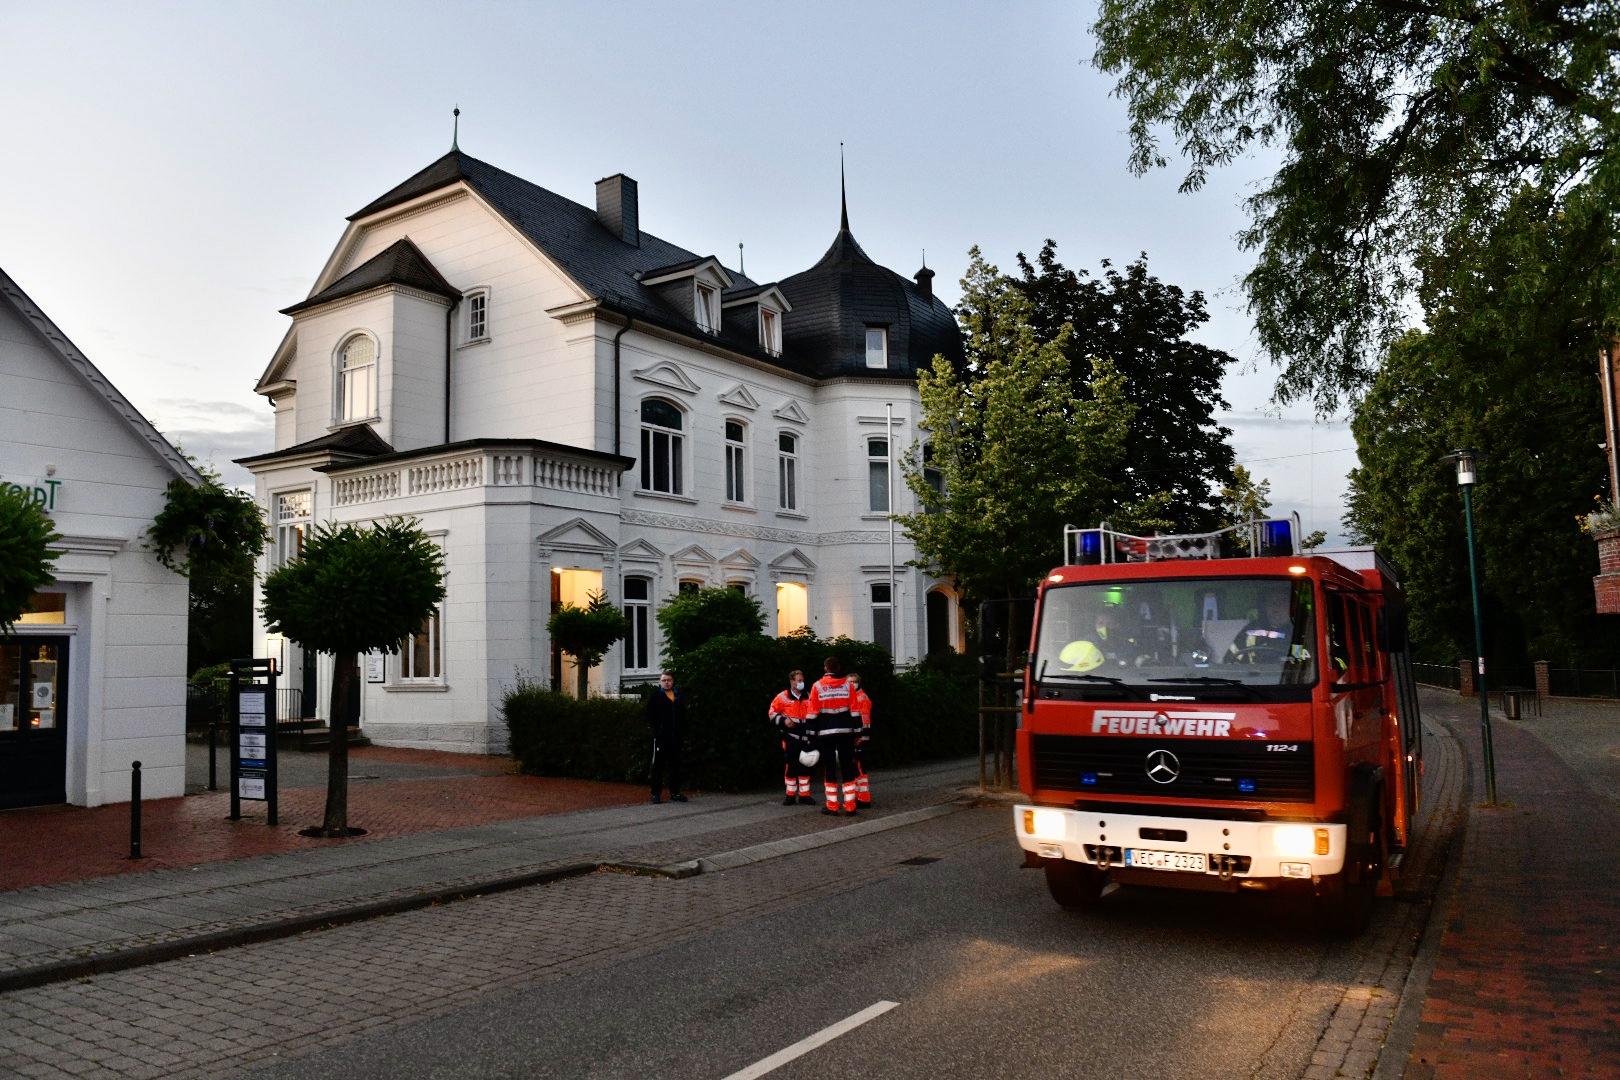 In einer Villa in Lohne brannte es. Foto: M. Niehues